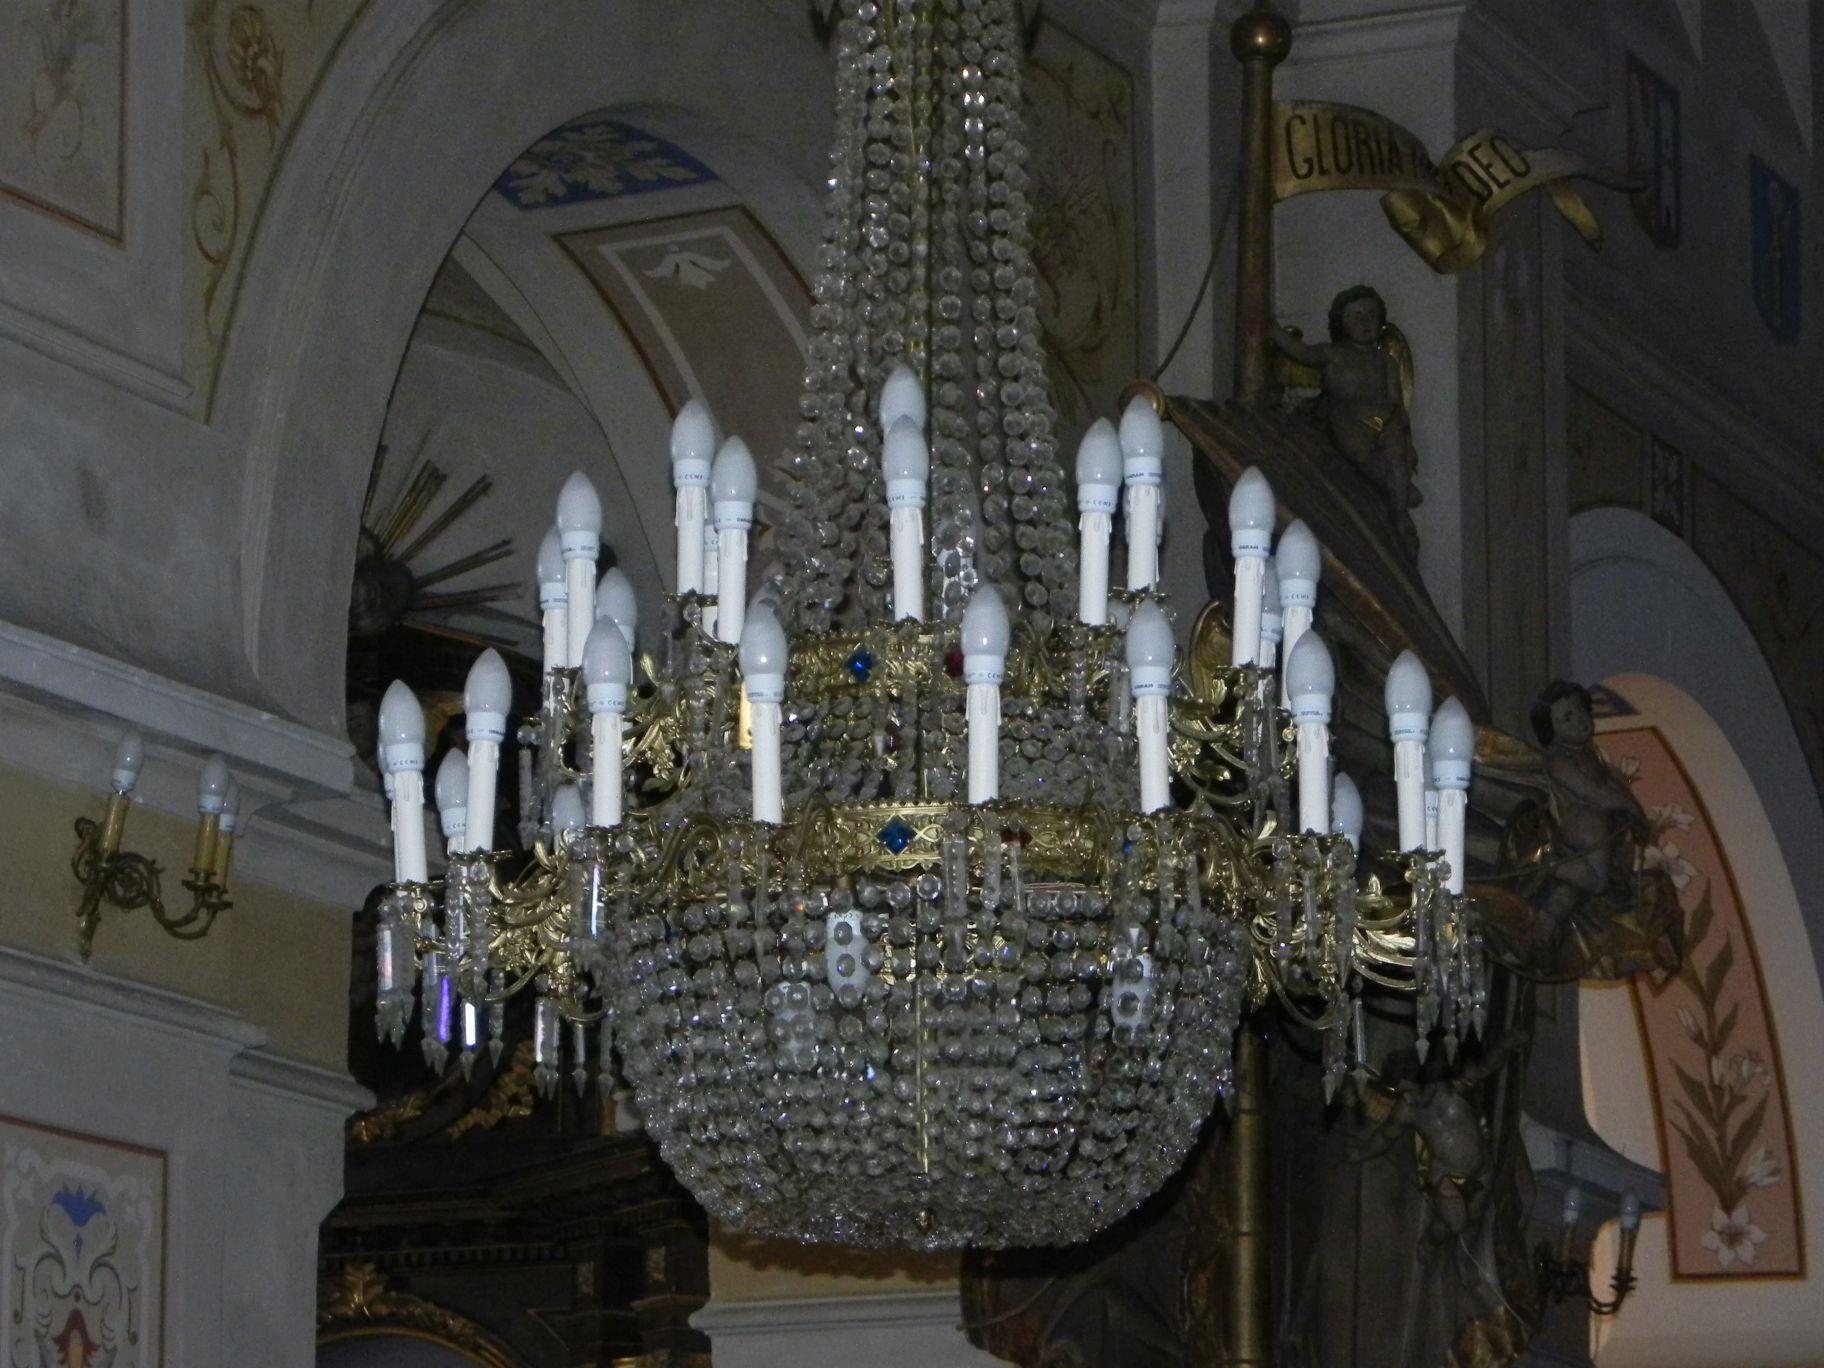 2012-08-16 Sadkowice - dożynki (14)